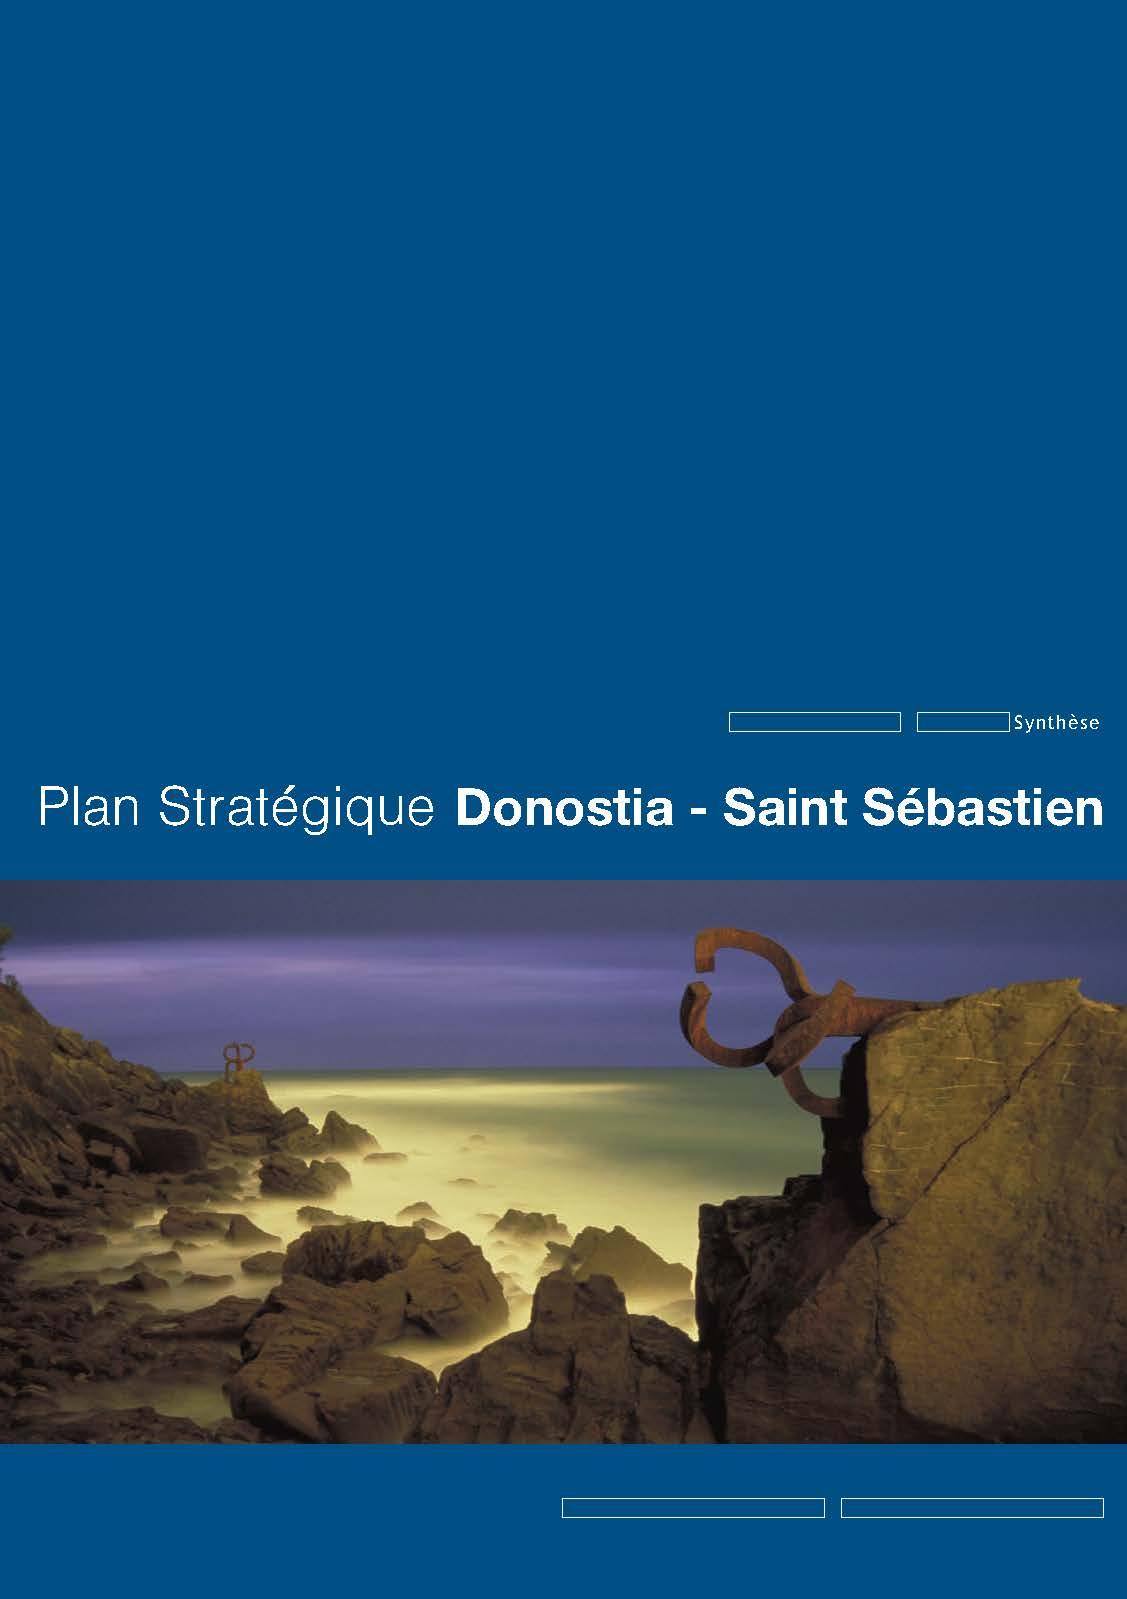 Plan Stratégique de Donostia/Saint-Sébastien 2004-2010 Synthèse